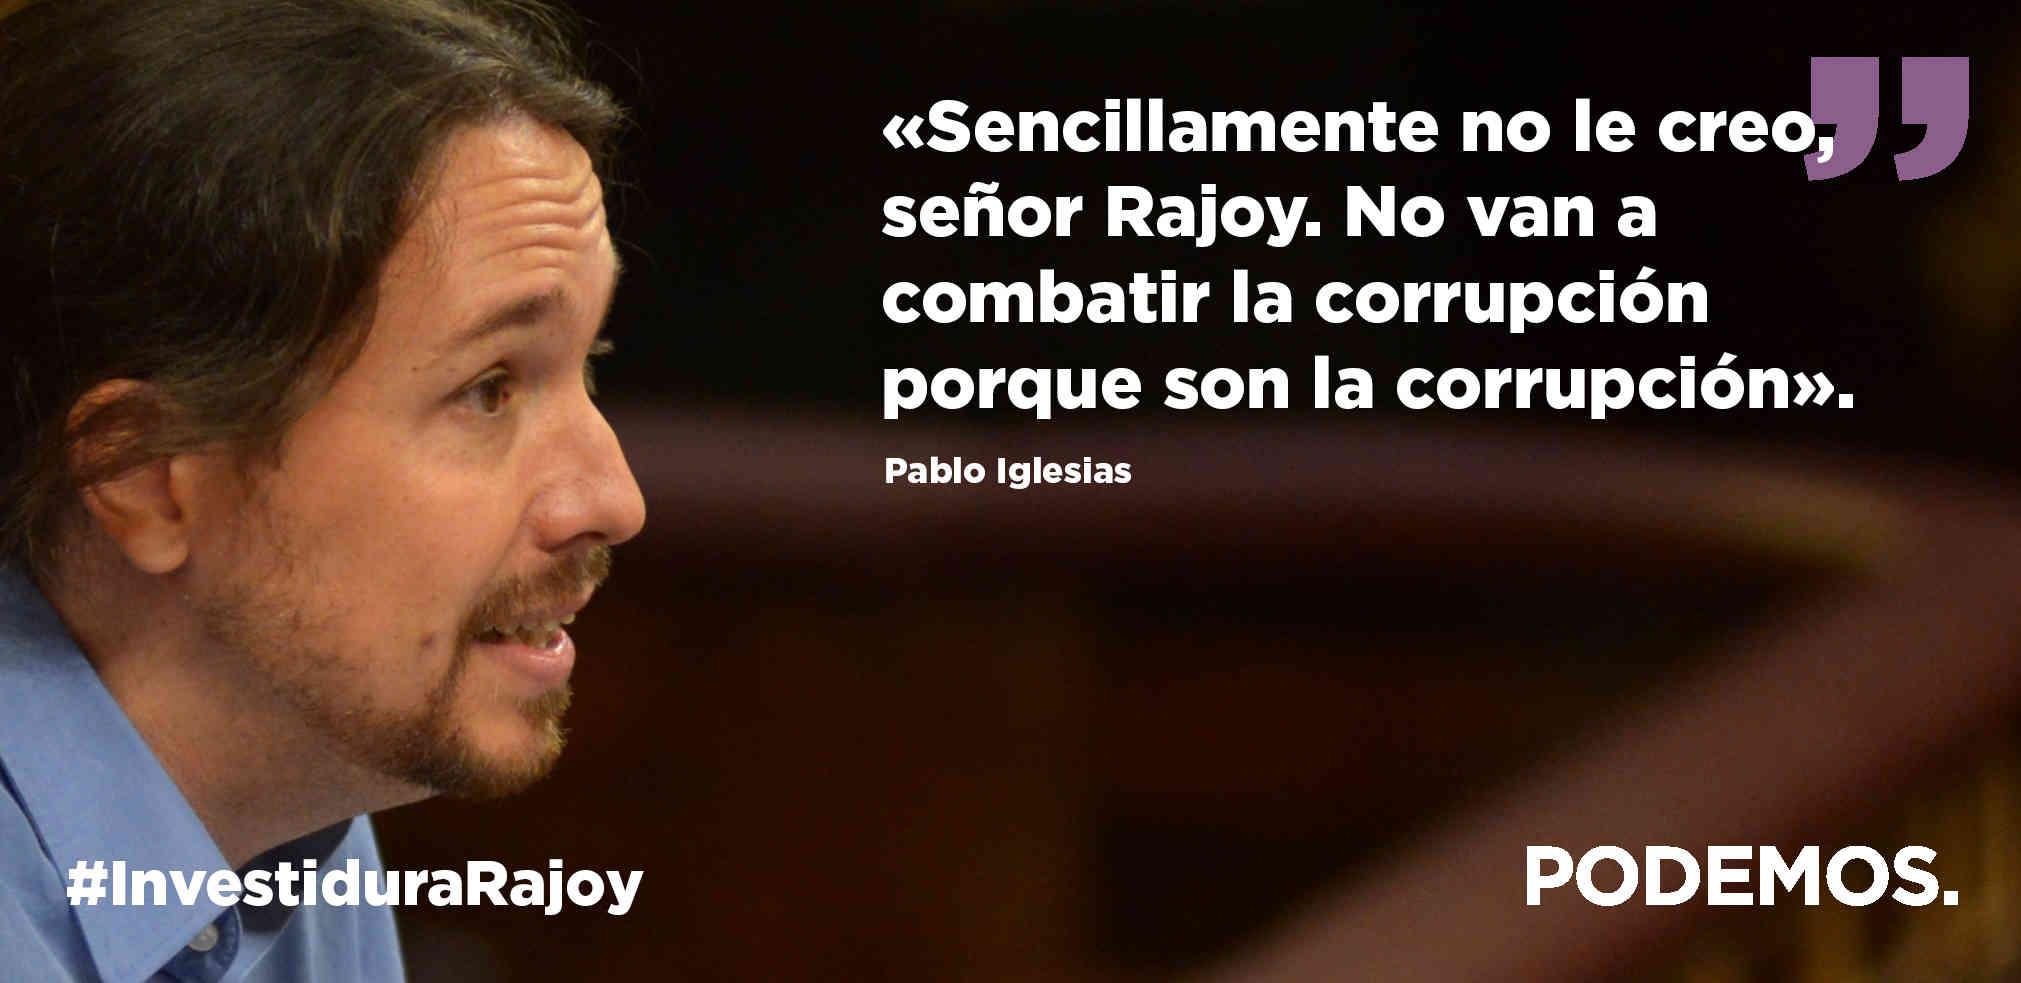 Imagen: Primer plano de Pablo Iglesias en la investidura de Rajoy. Dice: Sencillamente no le creo, señor Rajoy. No vana combatir la corrupción porque son la corrupción. Pablo Iglesias #InvestiduraRajoy